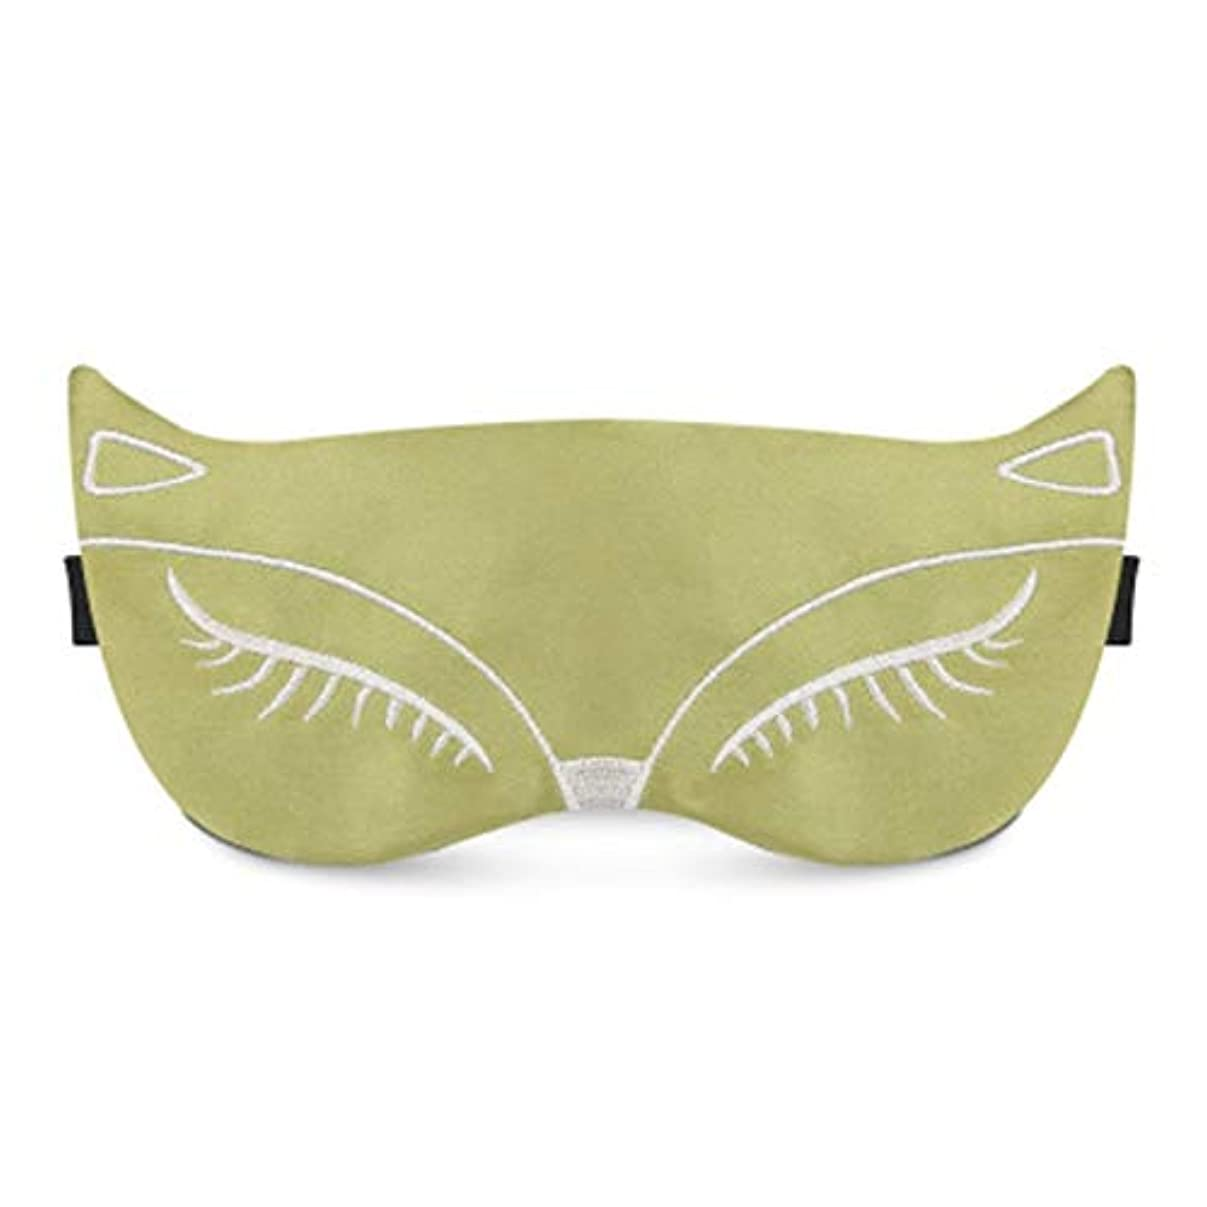 構造的ランドマーク無視NOTE Atomusコットンスリーピングマスクアイパッチキツネ刺繍アイパッチ調節可能な睡眠補助目隠しアイスバッグ旅行睡眠アイマスク